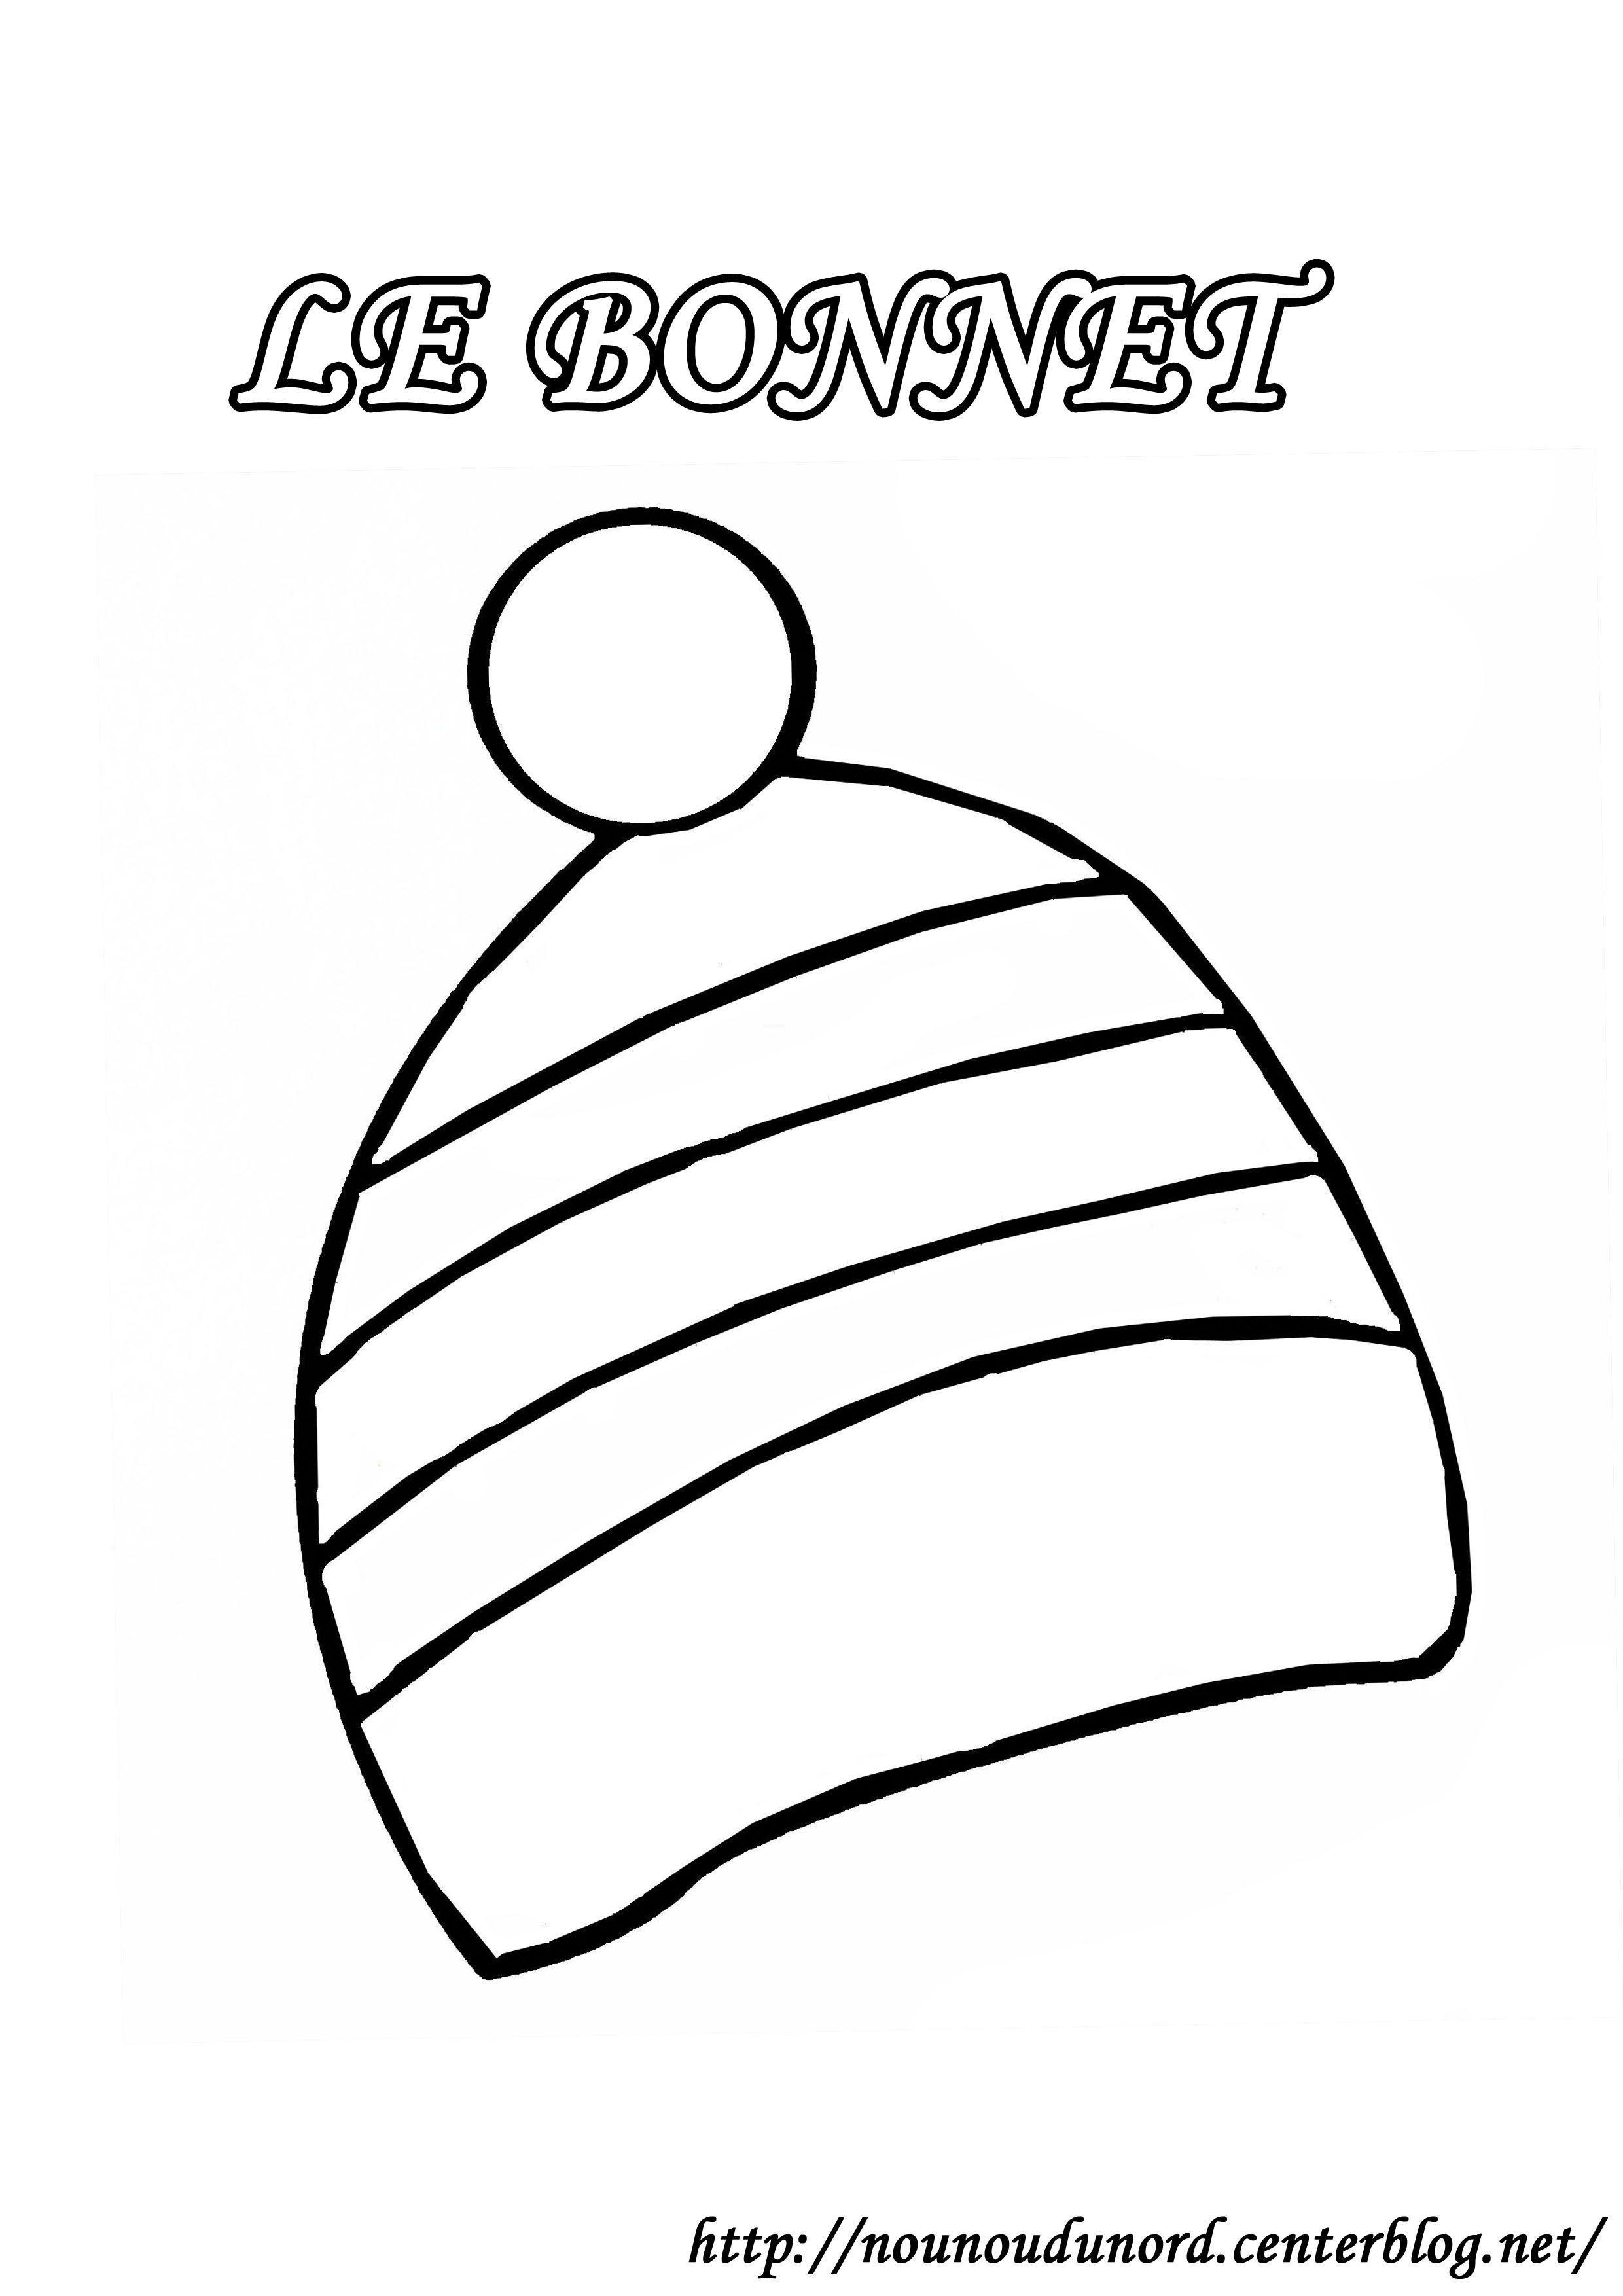 Coloriage Bonnet Dessiné Par Nounoudunord